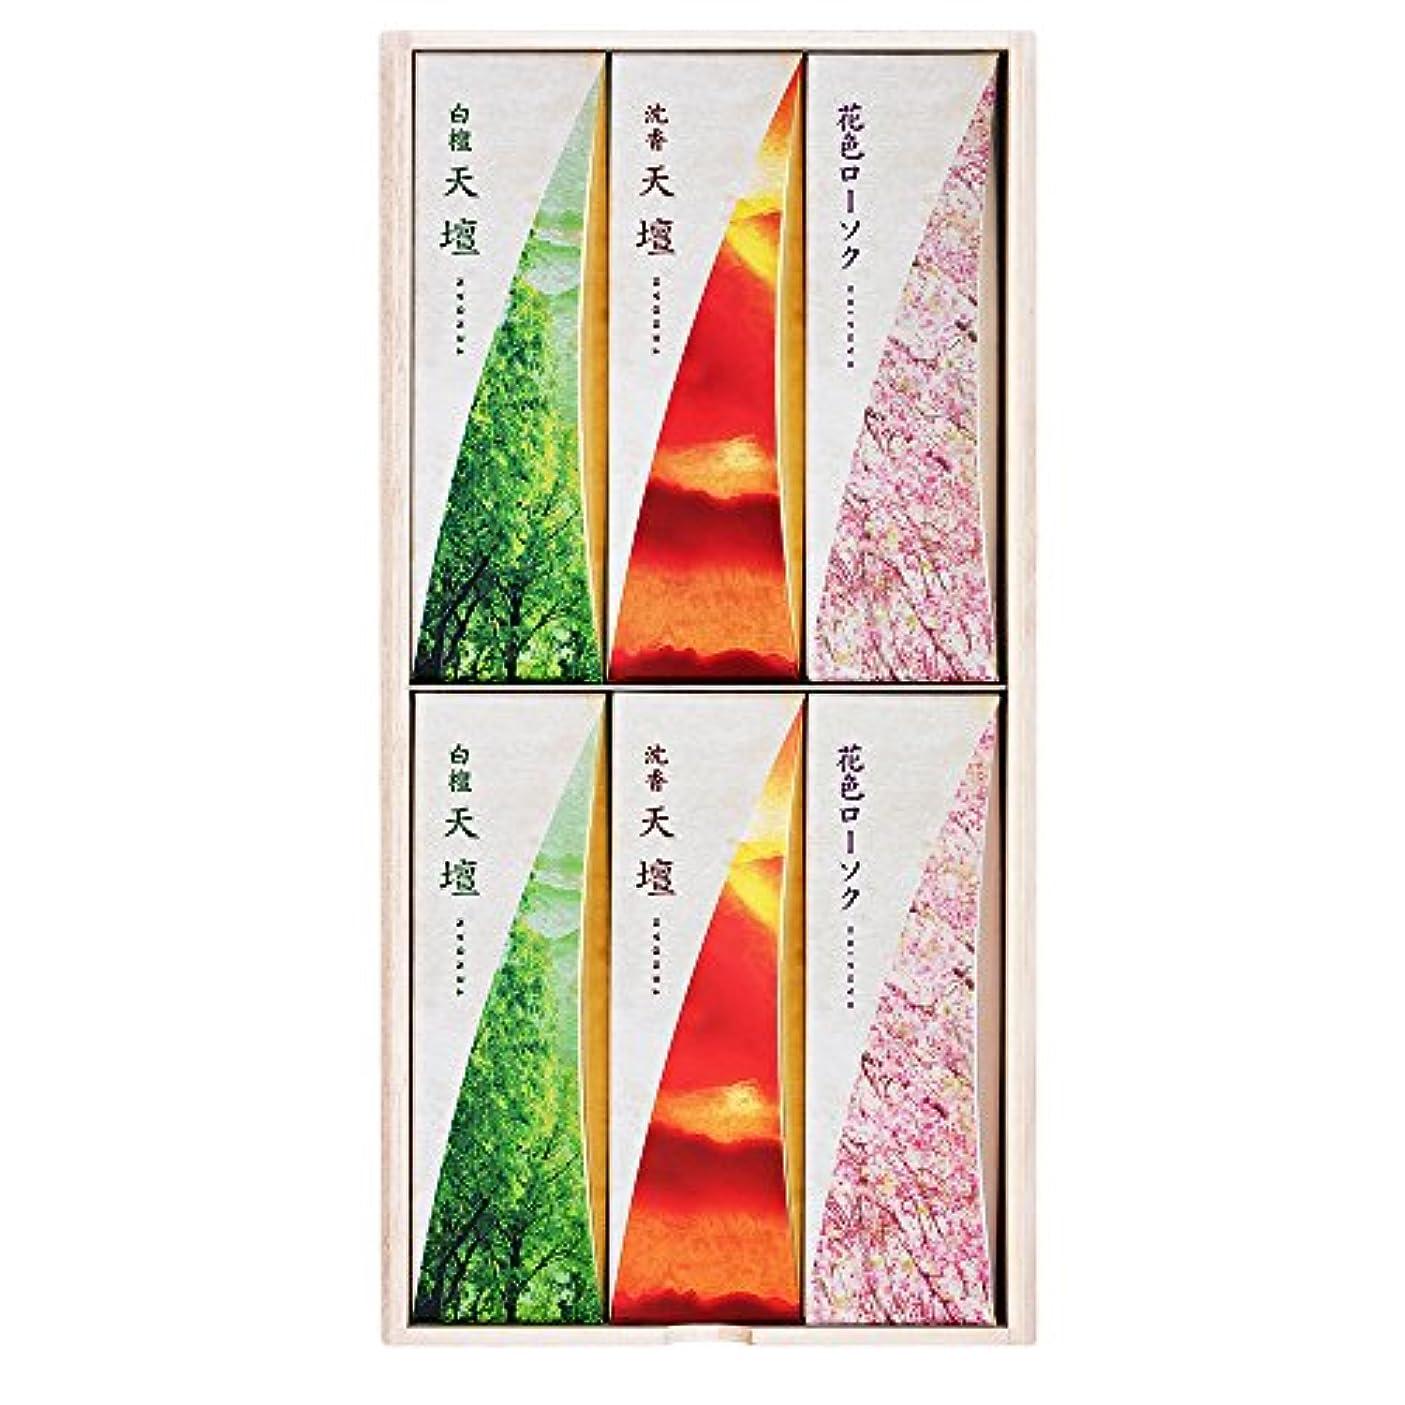 旅客従順タクト天壇進物3000 桐箱 包装品 (白檀の香り2箱、沈香の香り2箱、花色ローソク2箱)